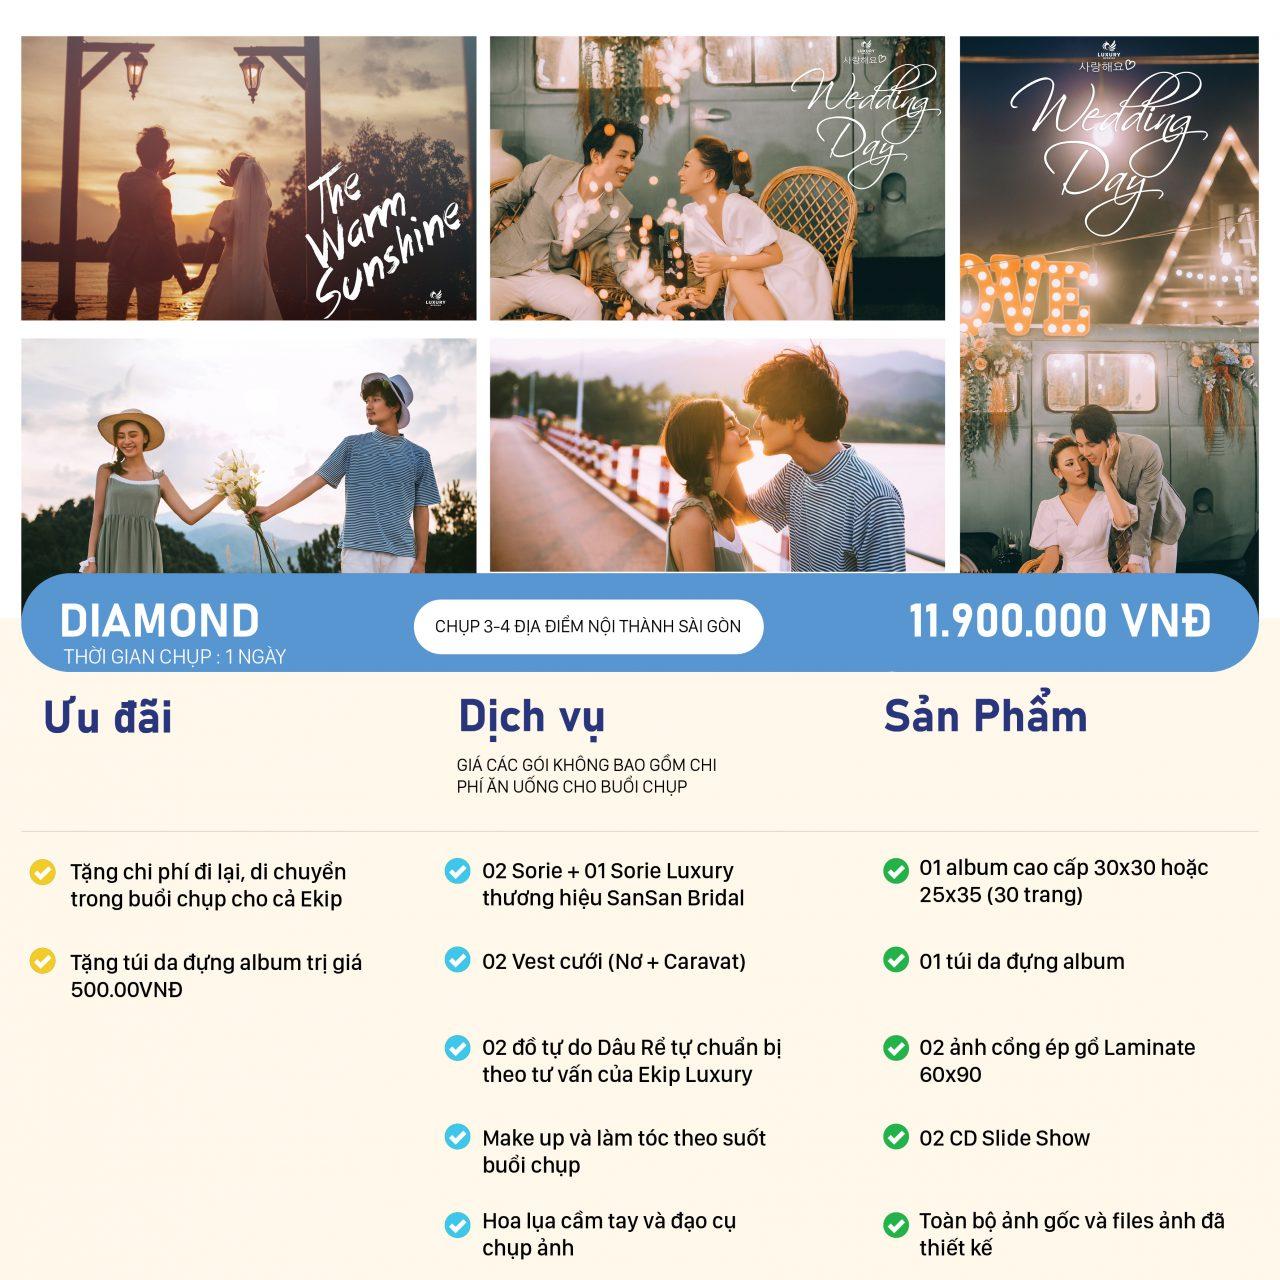 Bảng giá chụp ảnh cưới DIAMOND